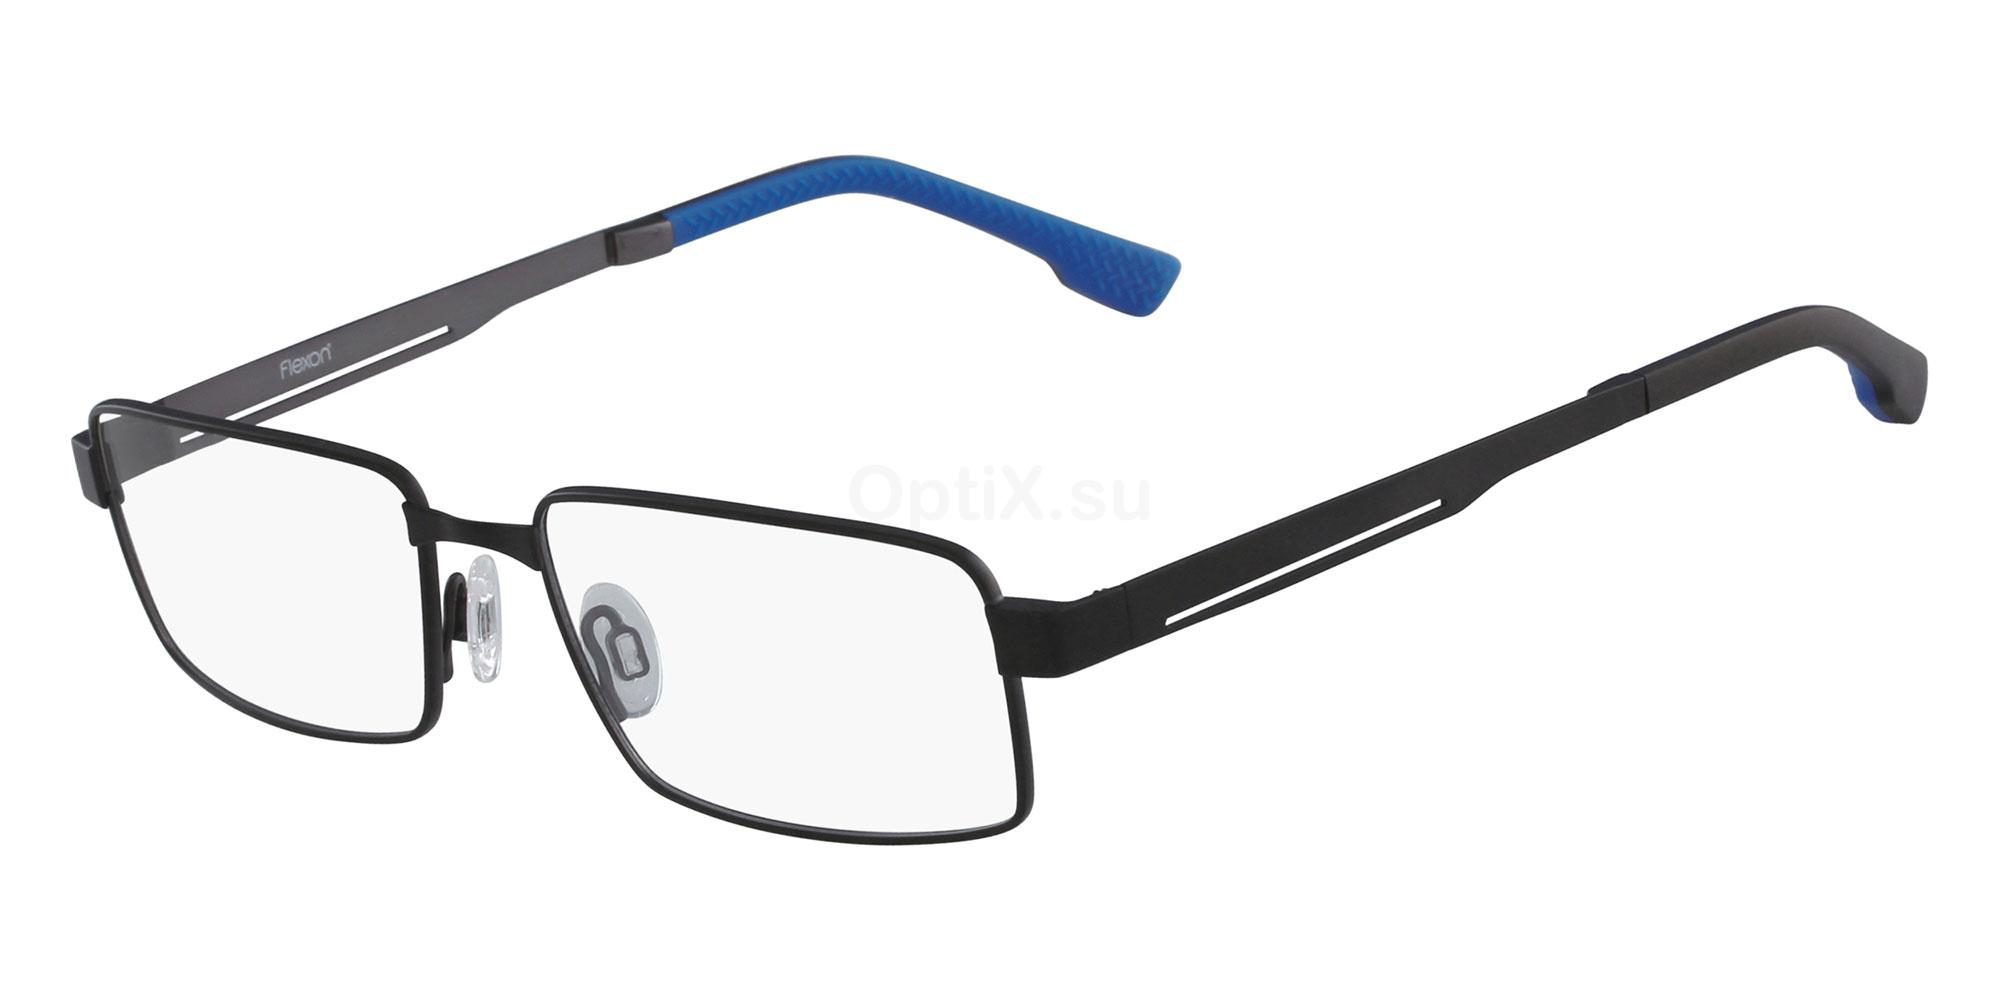 001 FLEXON E1046 Glasses, Flexon